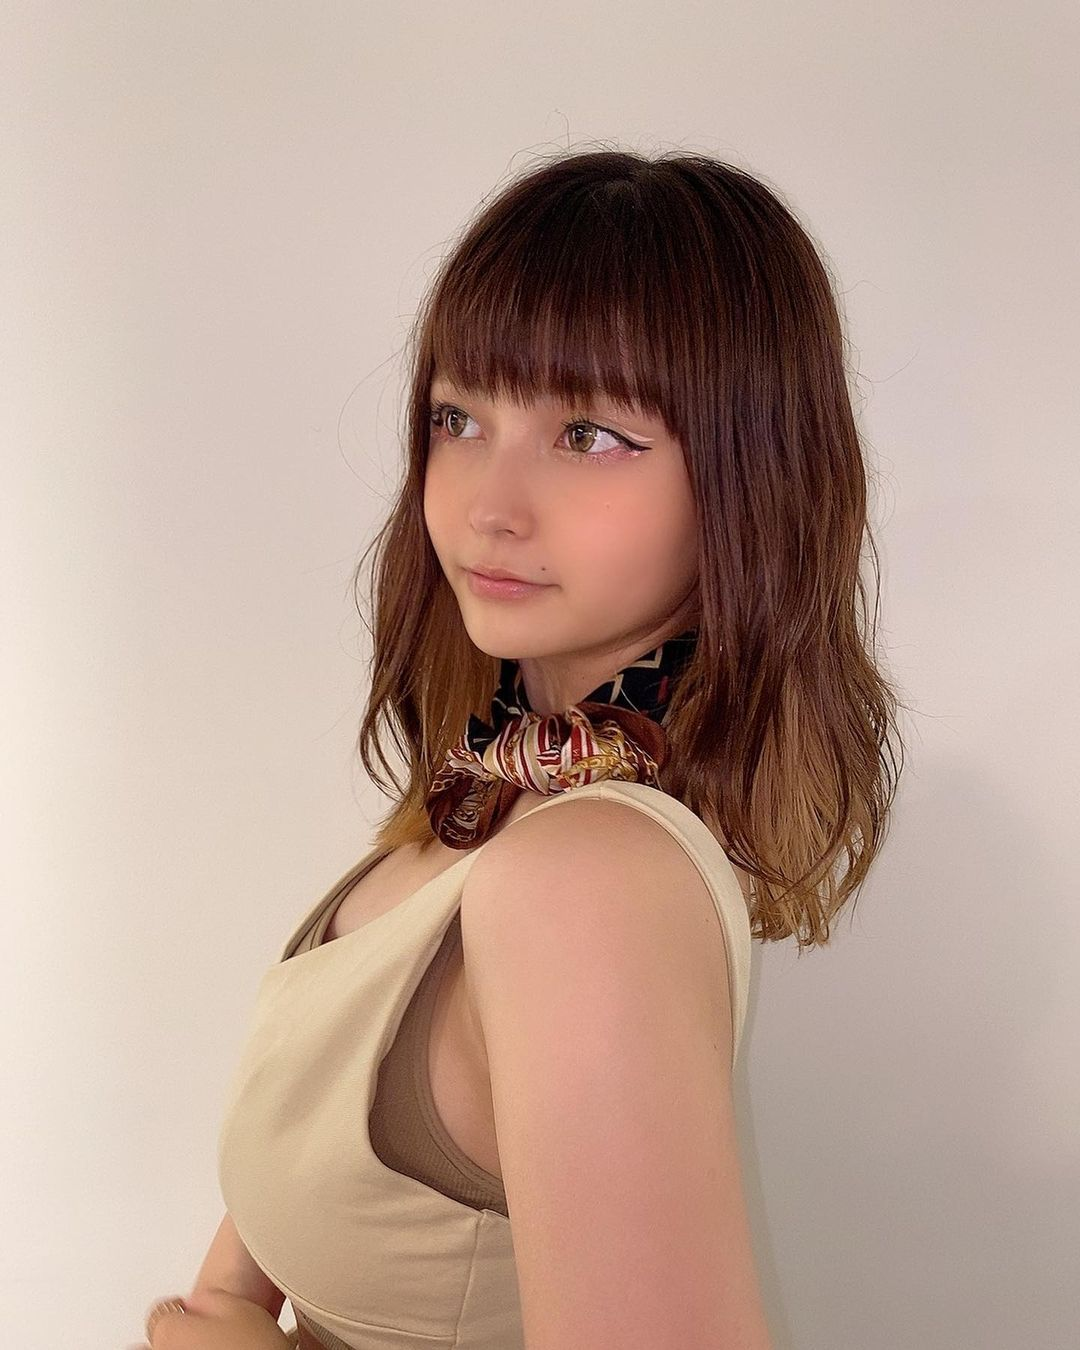 今年刚高中毕业 18 岁美少女樱井音乃身材整个无敌 网络美女 第11张